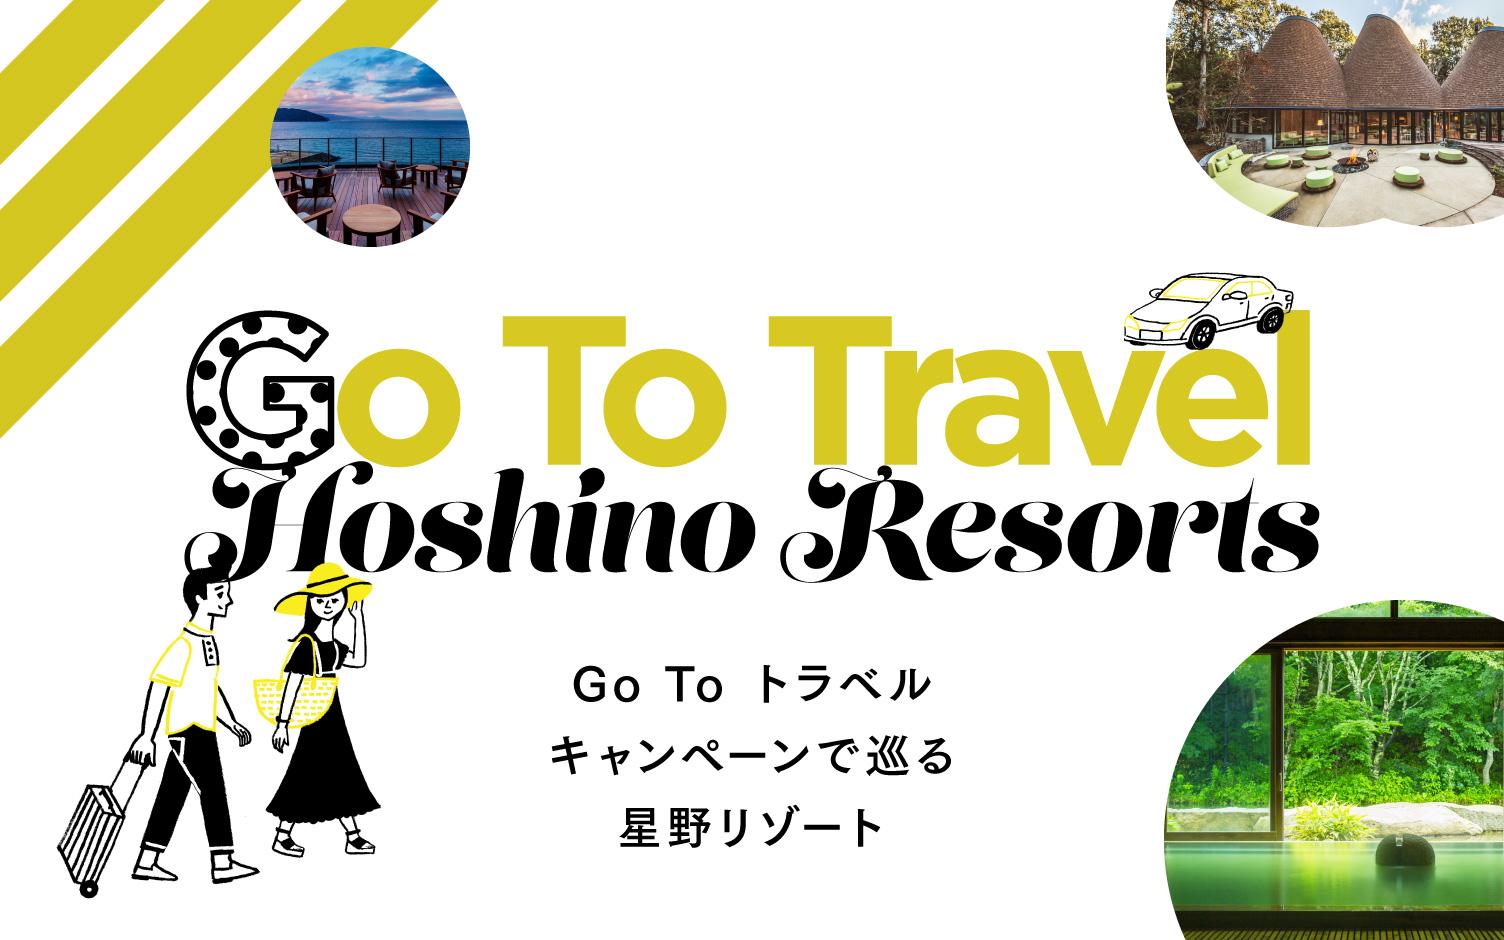 Go To トラベルキャンペーンで巡る星野リゾート